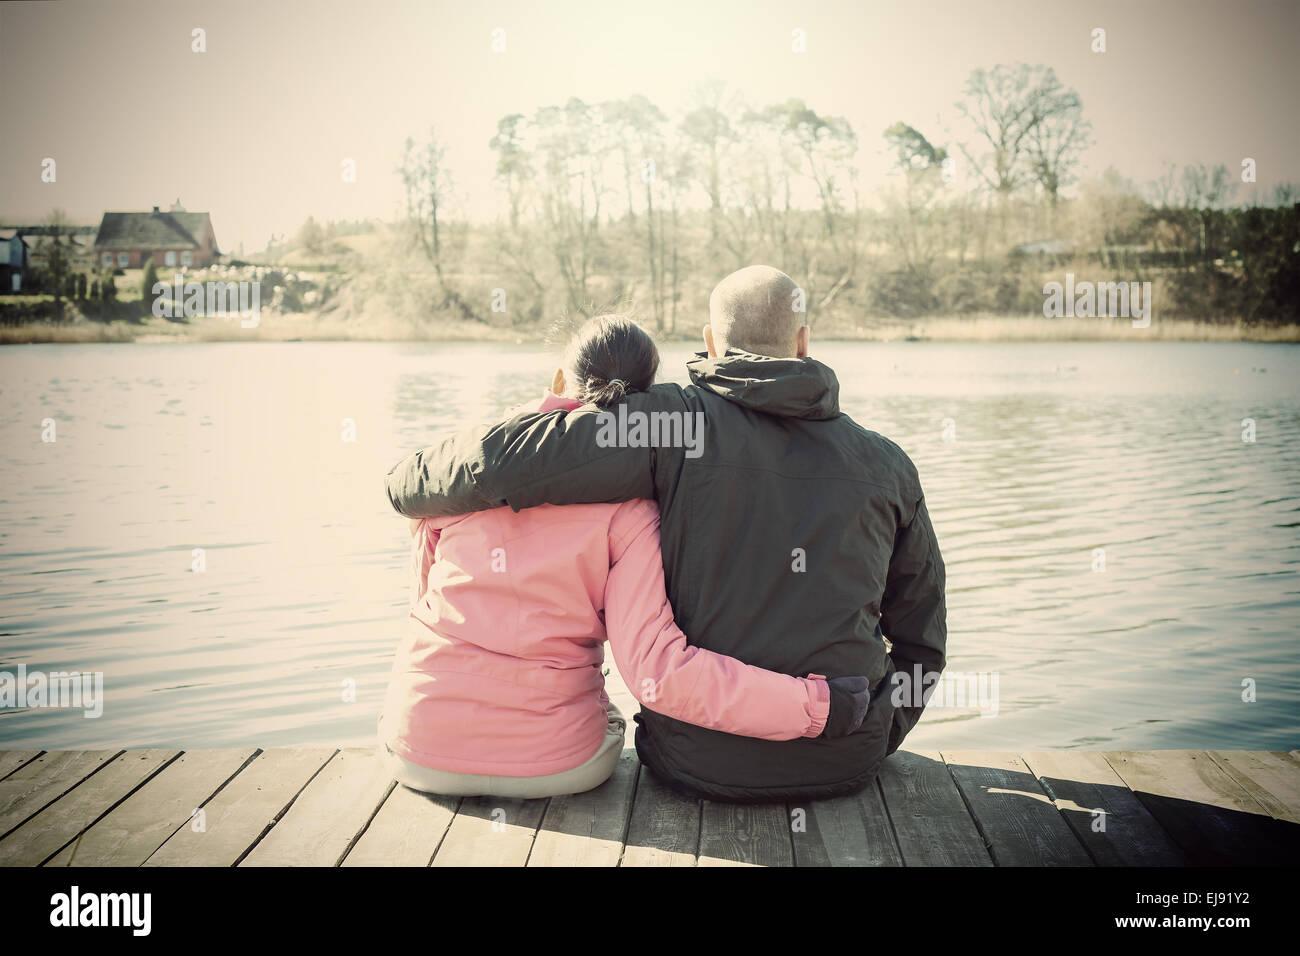 Retrò seppia immagine stilizzata di un giovane seduto sul molo in legno dal lago. Immagini Stock